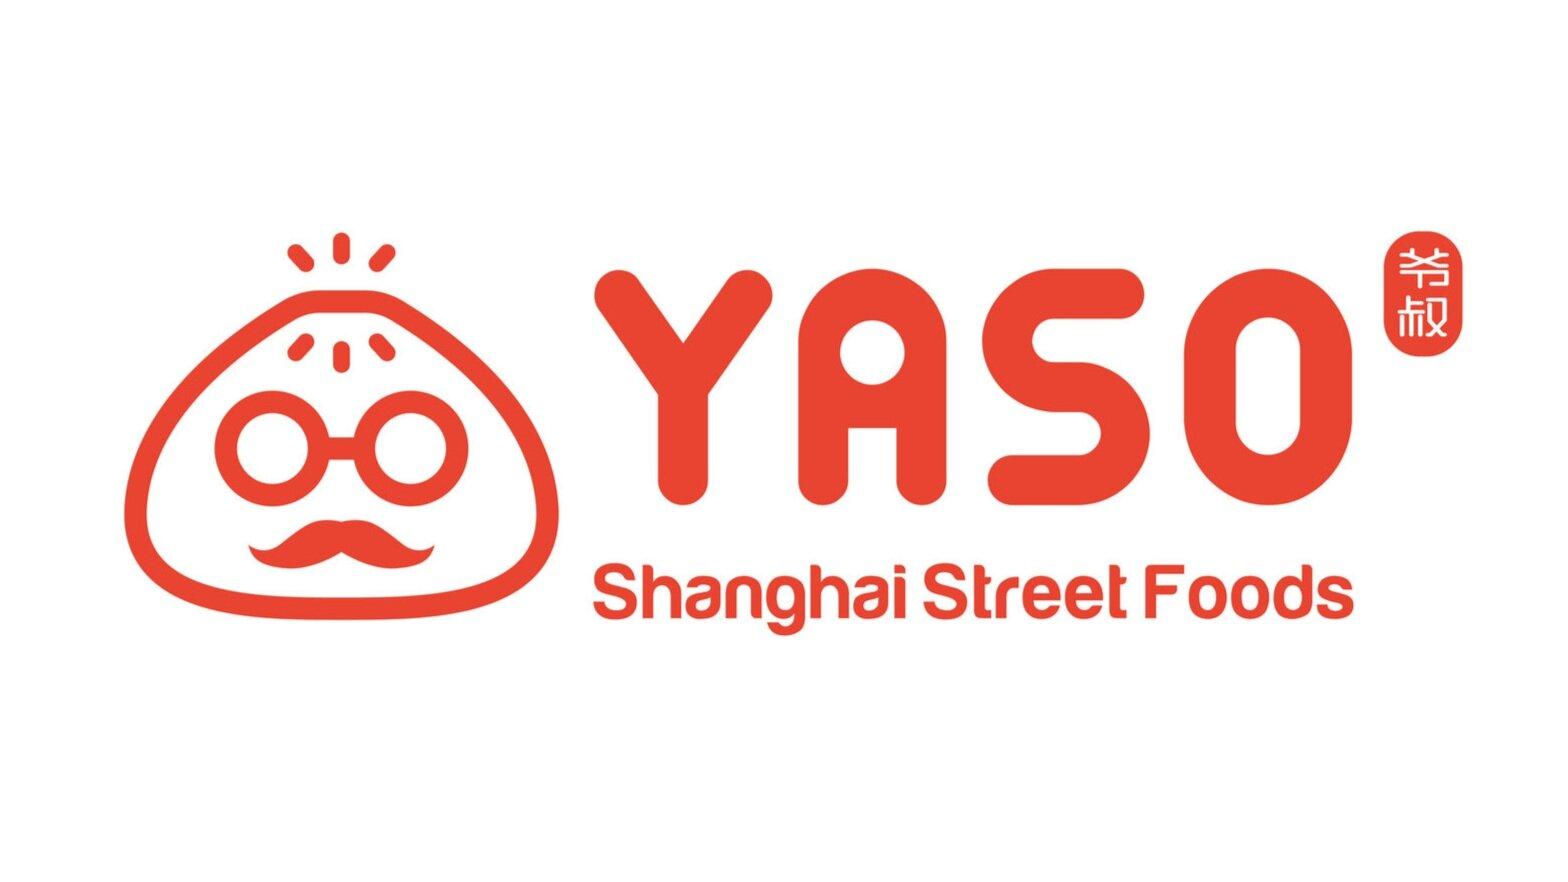 2019+NY+Rest+Logo-+YASO.jpg